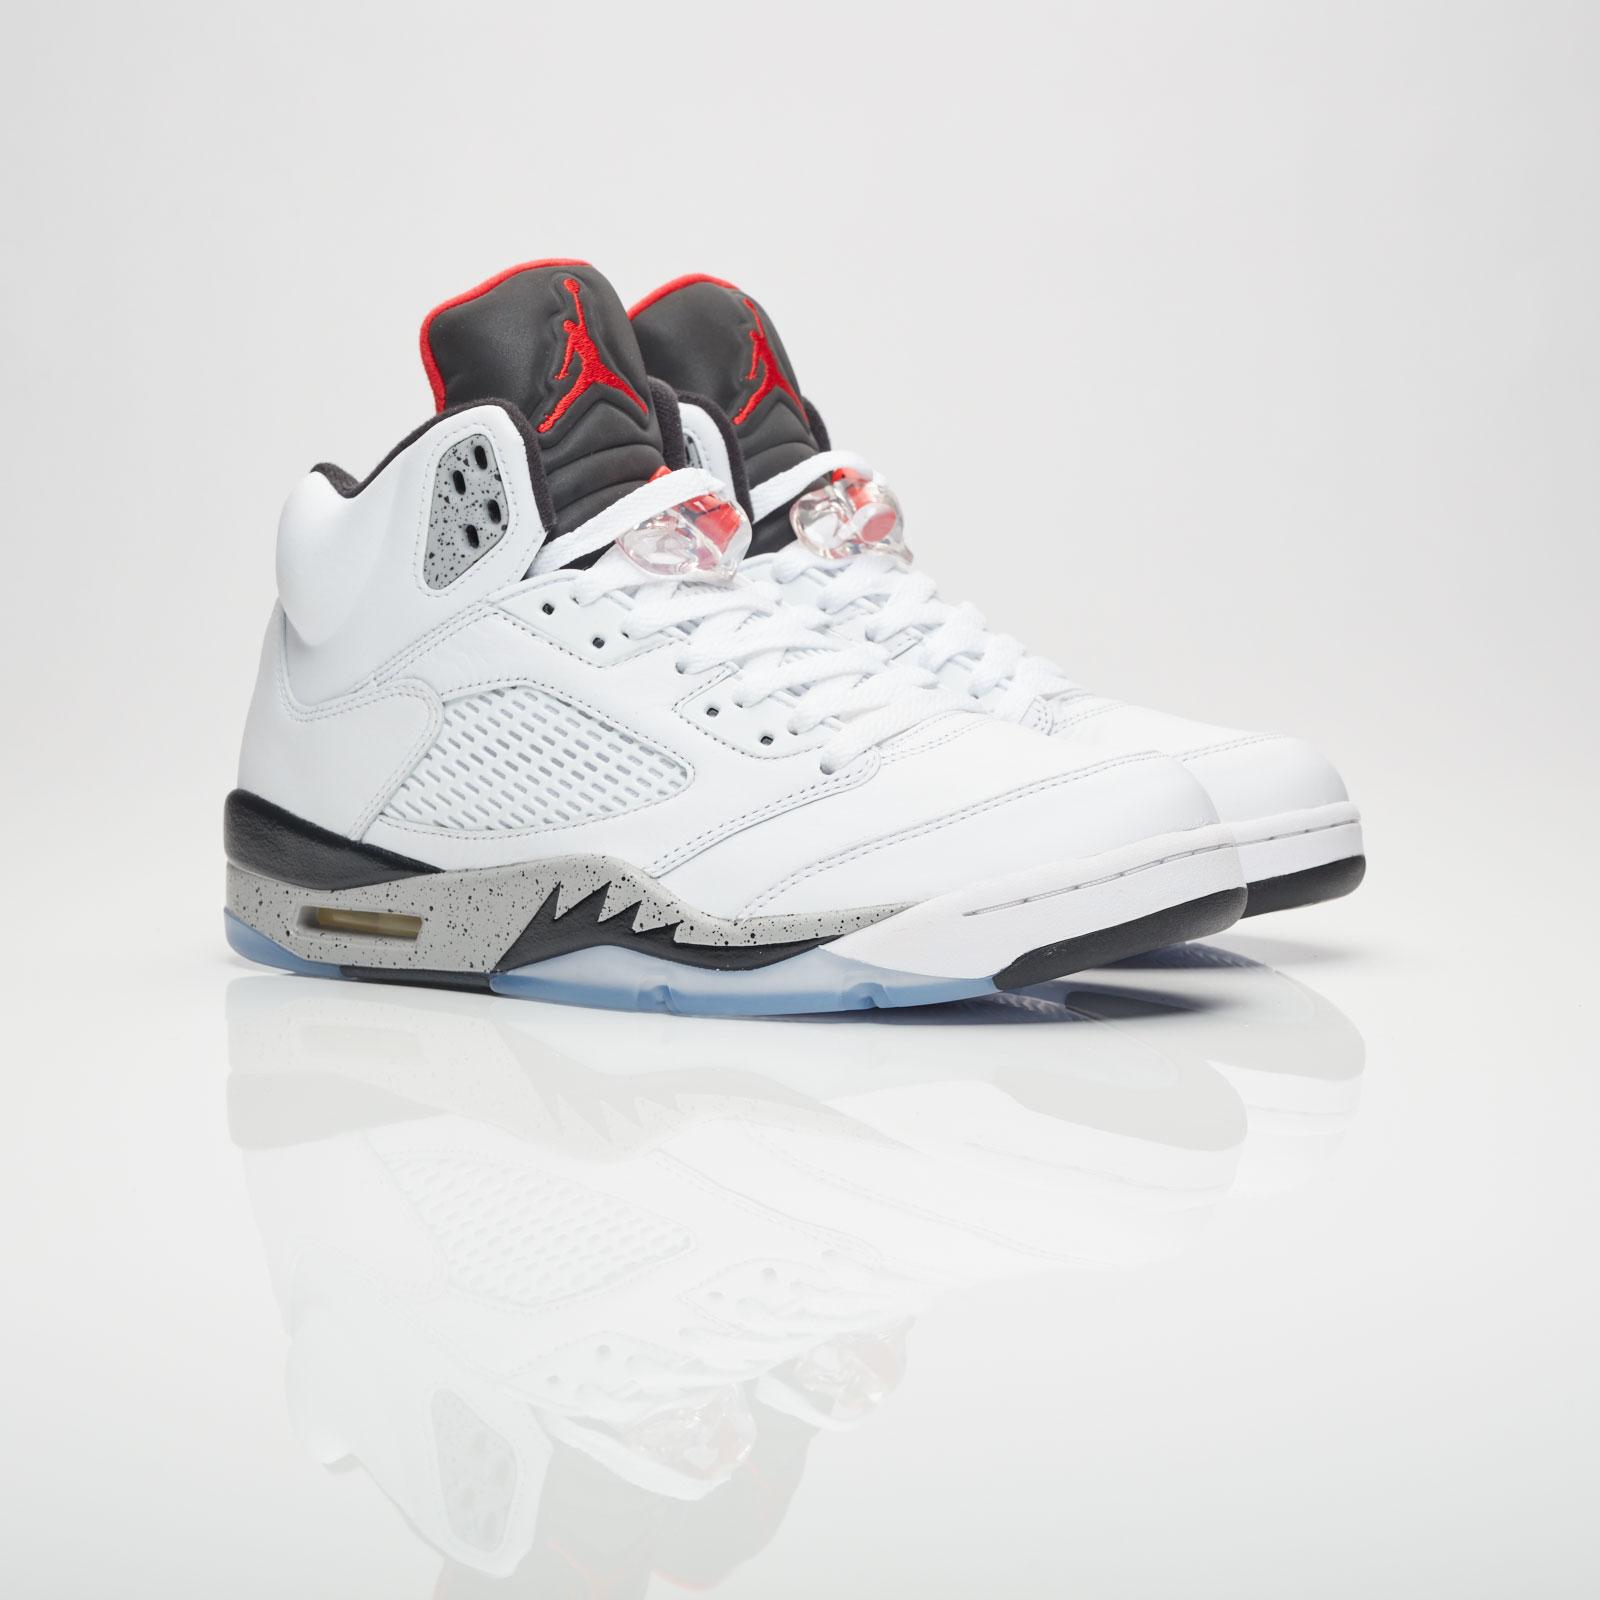 136027 Sneakersnstuff 5 Retro 104 Brand Jordan Air mvNwn80O